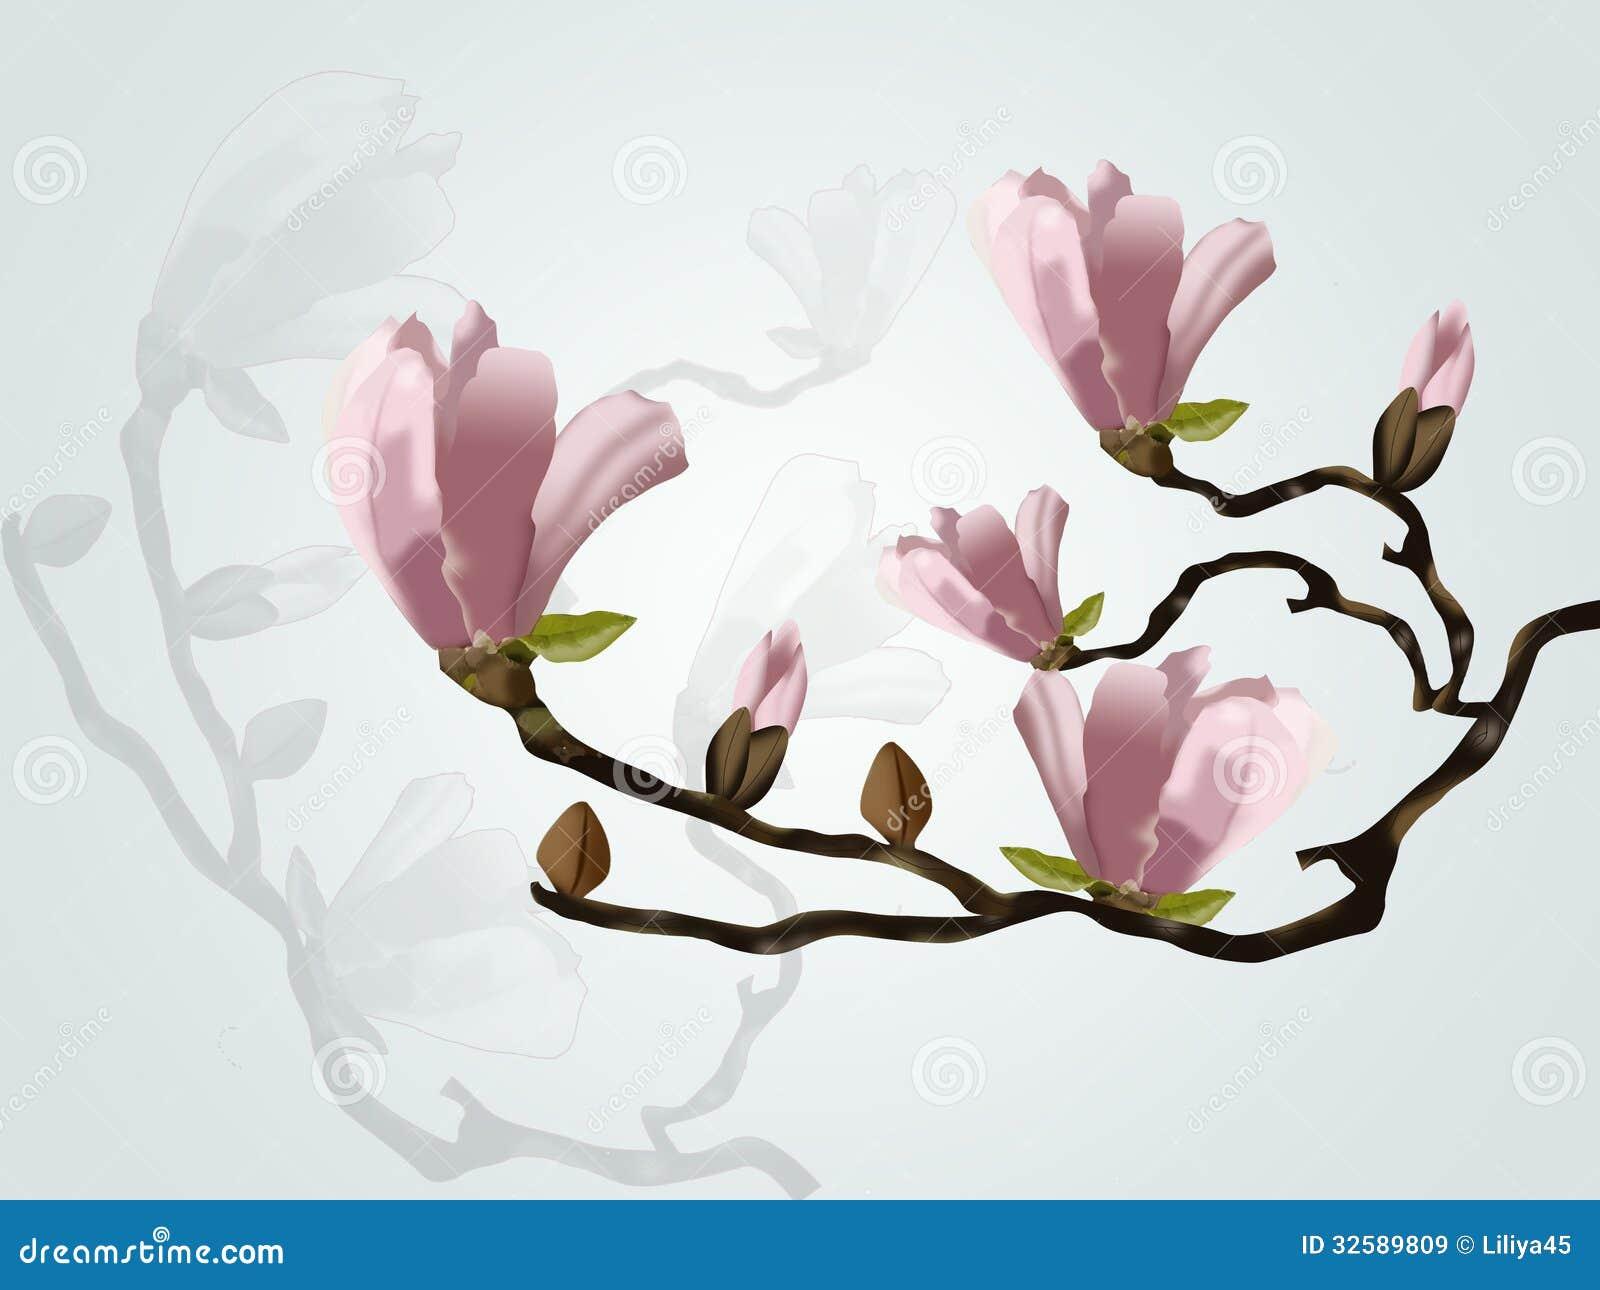 magnolia branch clip art - photo #37